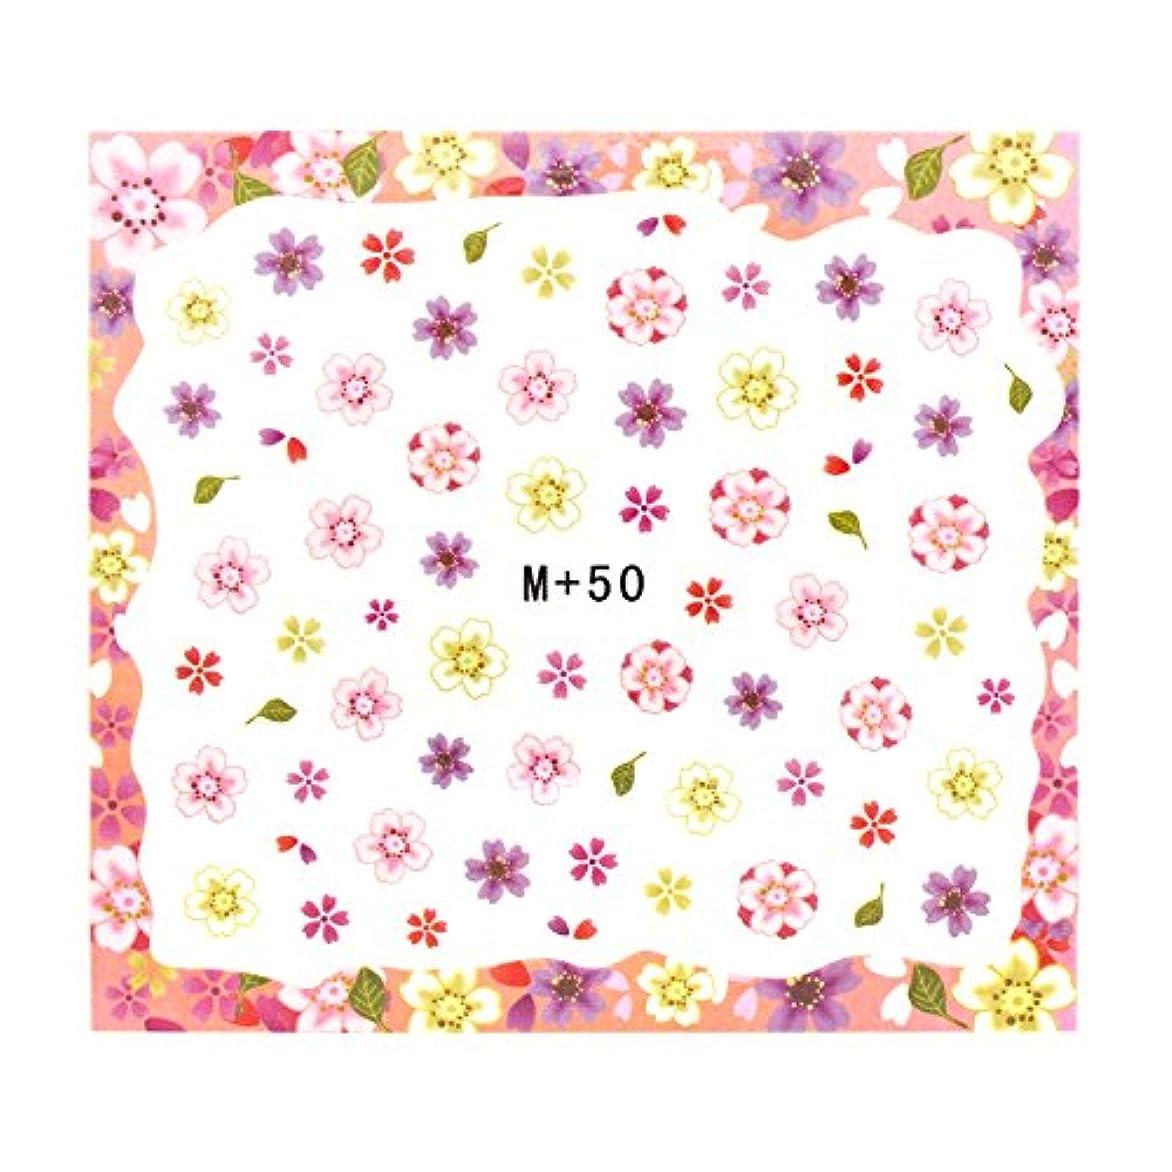 トロリーバスヒューム仲間、同僚【M+50】和風桜 ウォーターネイルシール 和柄 フラワー 桜 花柄 お正月 着物 浴衣